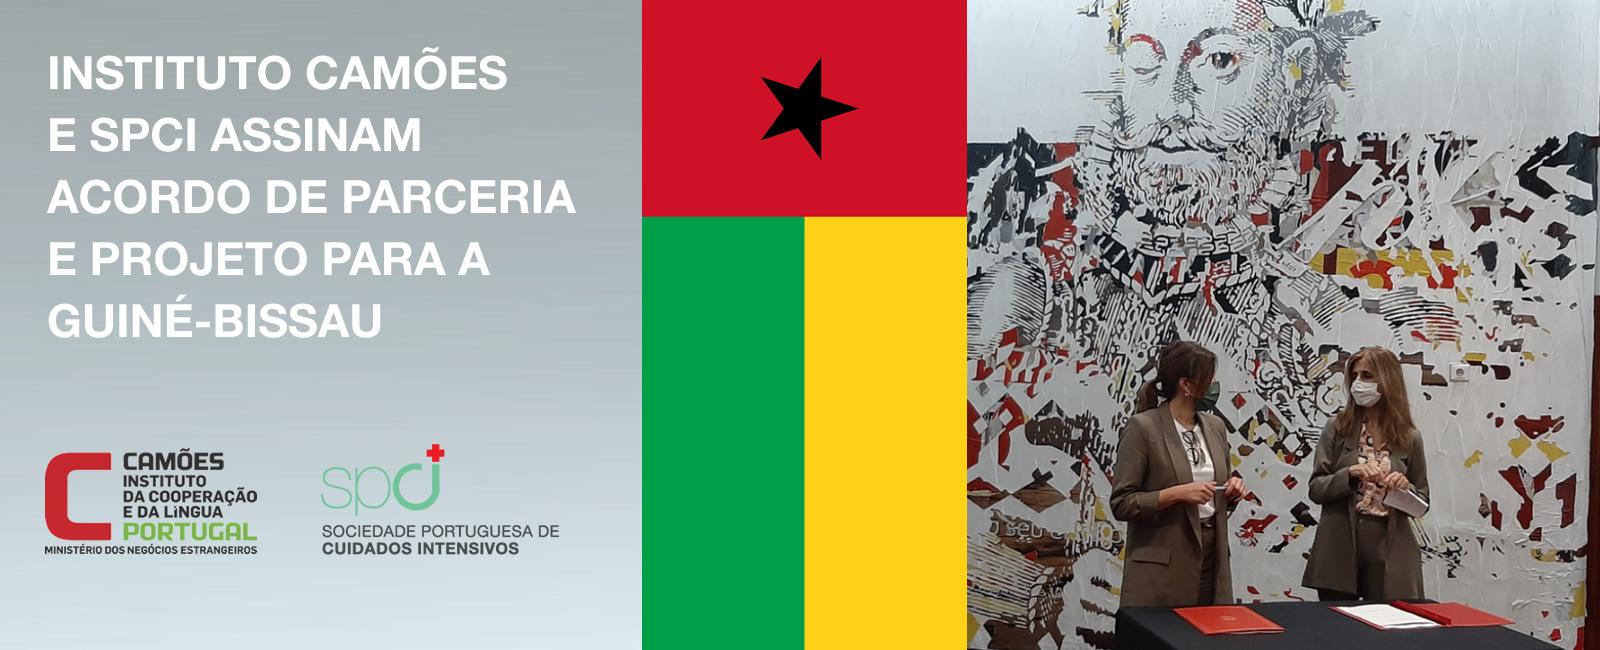 Instituto Camões e SPCI assinam acordo de parceria para a Guiné Bissau